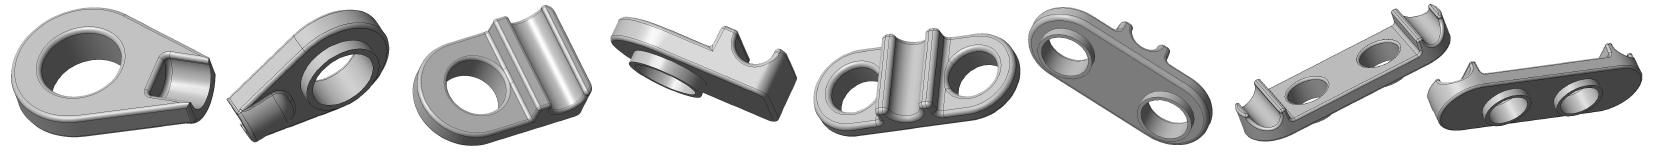 Peças de mini implante